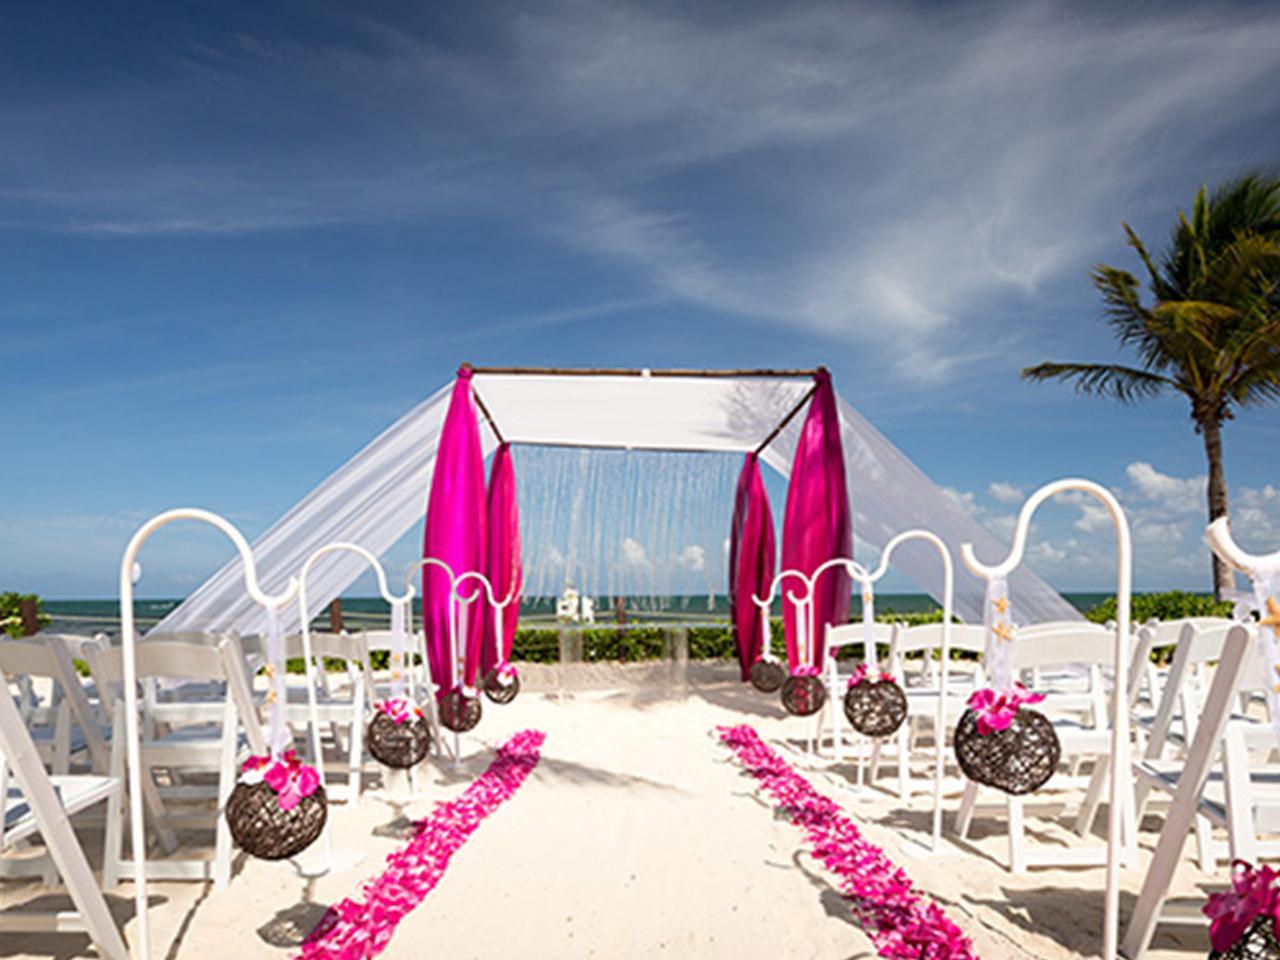 wedding Planner en Monterrey, Boda en la playa, Las mejores bodas en la playa en México -wedding Planner en Monterrey, Boda en la playa, Las mejores bodas en la playa en México - Paquete 1: Amor a la mexicana